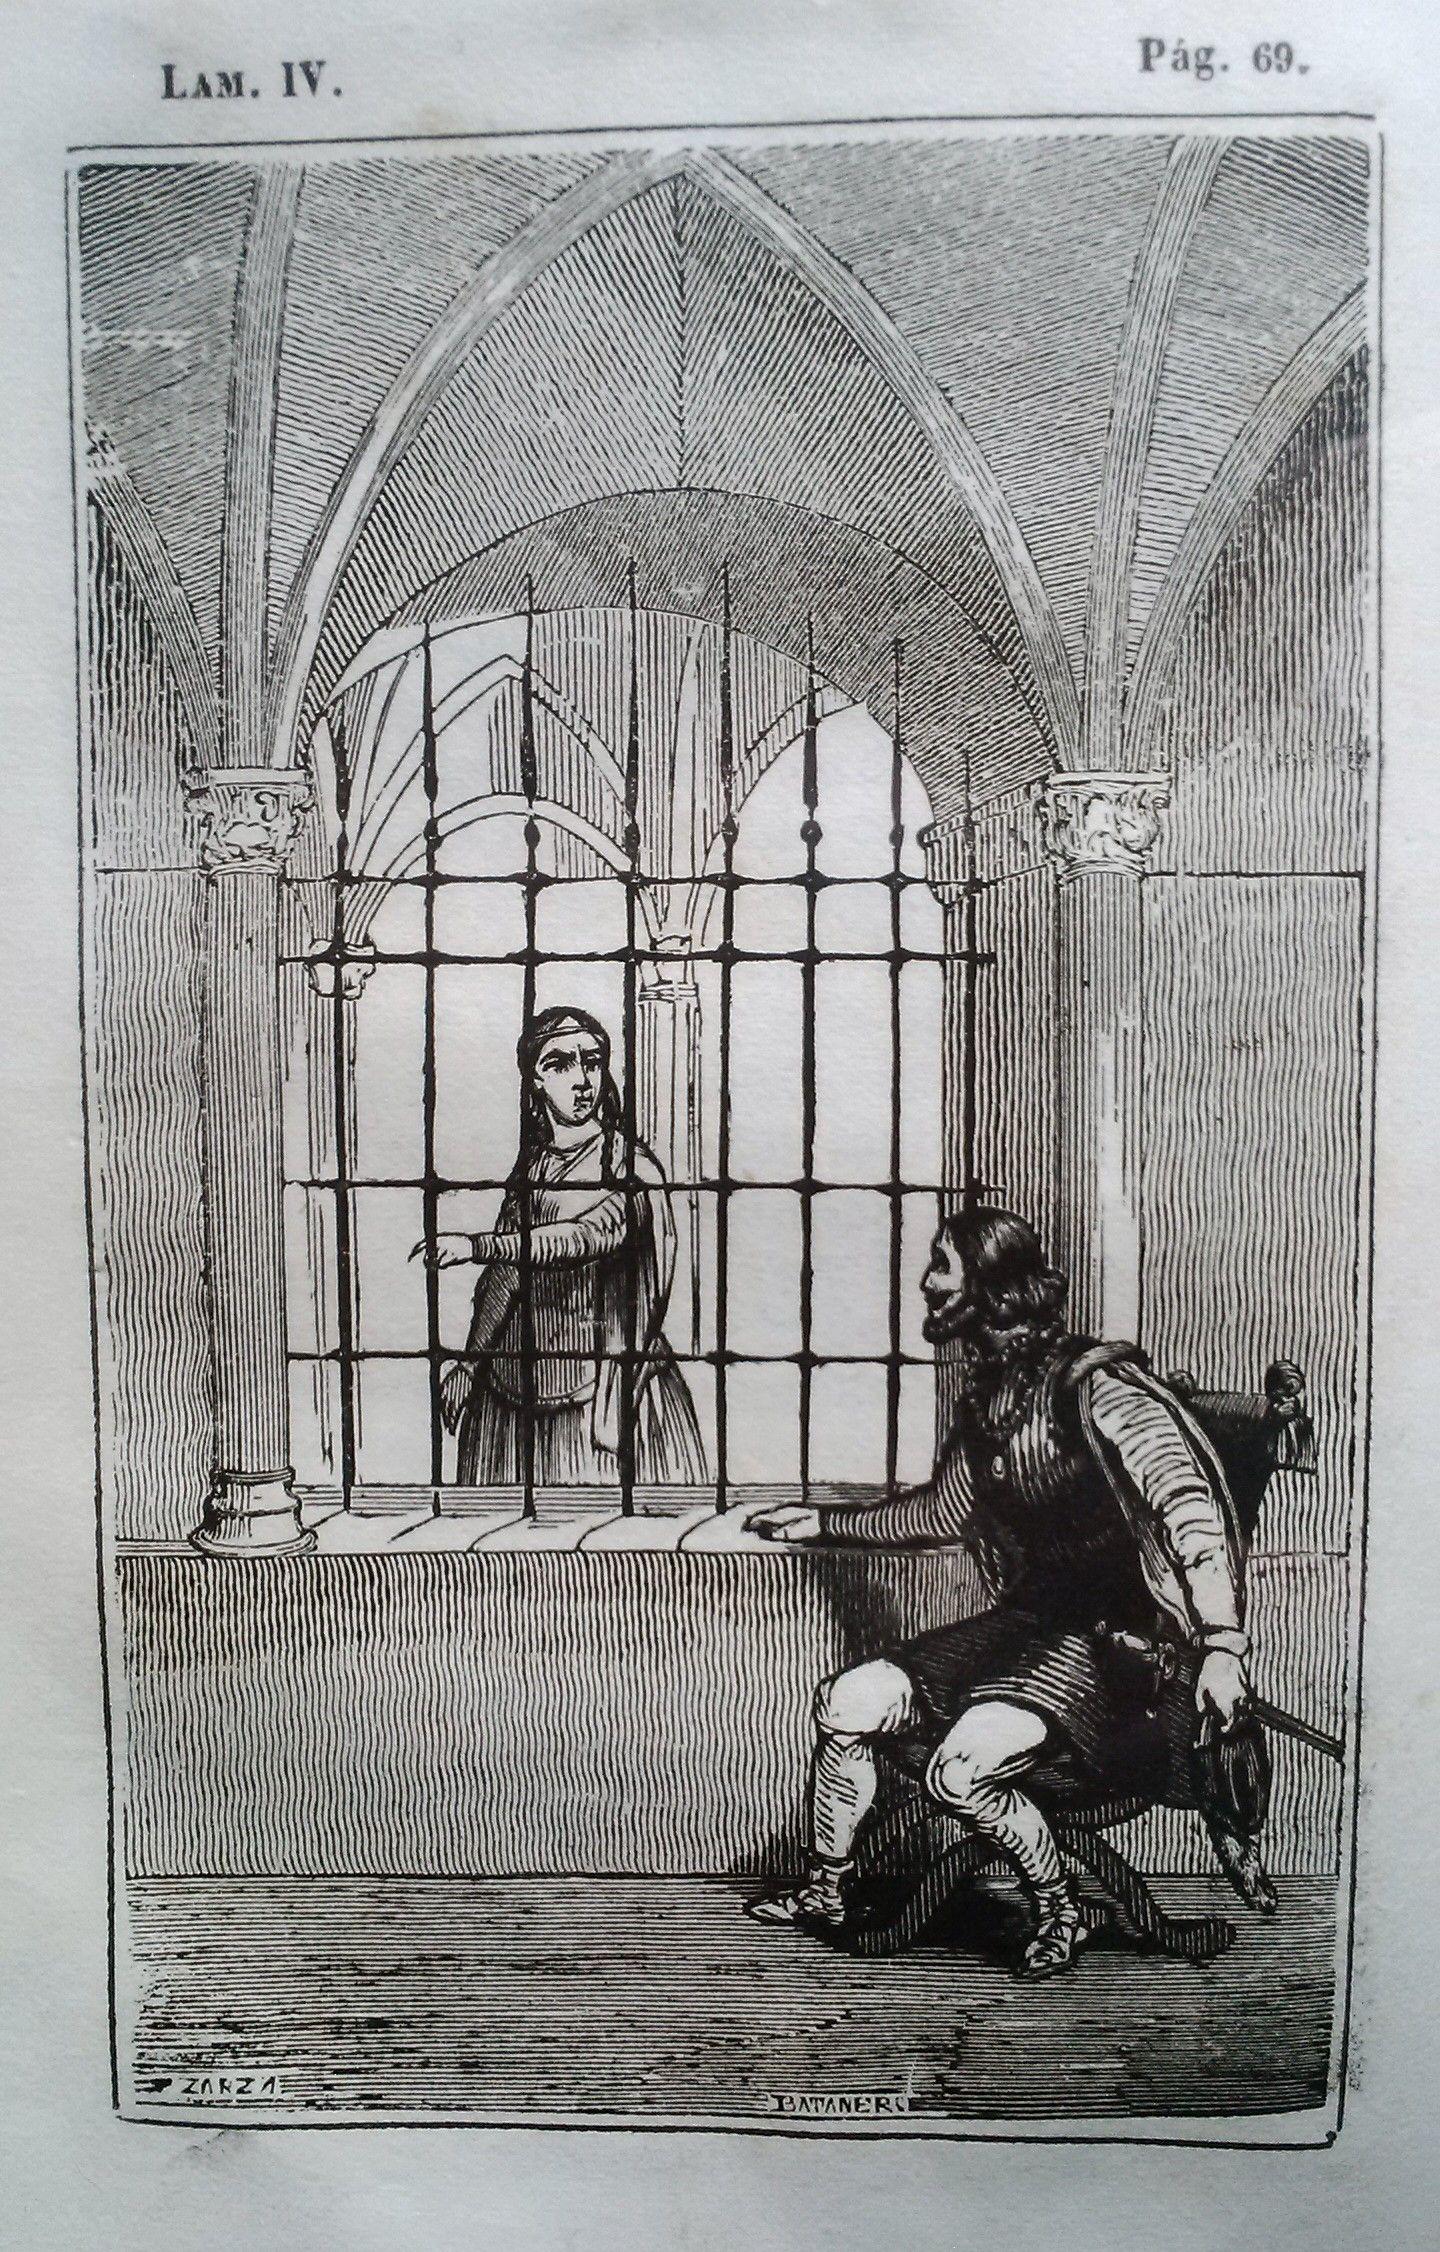 El Señor de Bembibre. Por Enrique Gil y Carrasco - (1844) Lámina IV ... Este era el hombre con quien debia unir su suerte doña Beatriz... Llego por fin esta acompañada de su tia y ataviada como aquel caso lo pedian y haciendo una ligera referencia al conde se sentó en otro sillon destinado para ella en la parte de adentro de la reja...